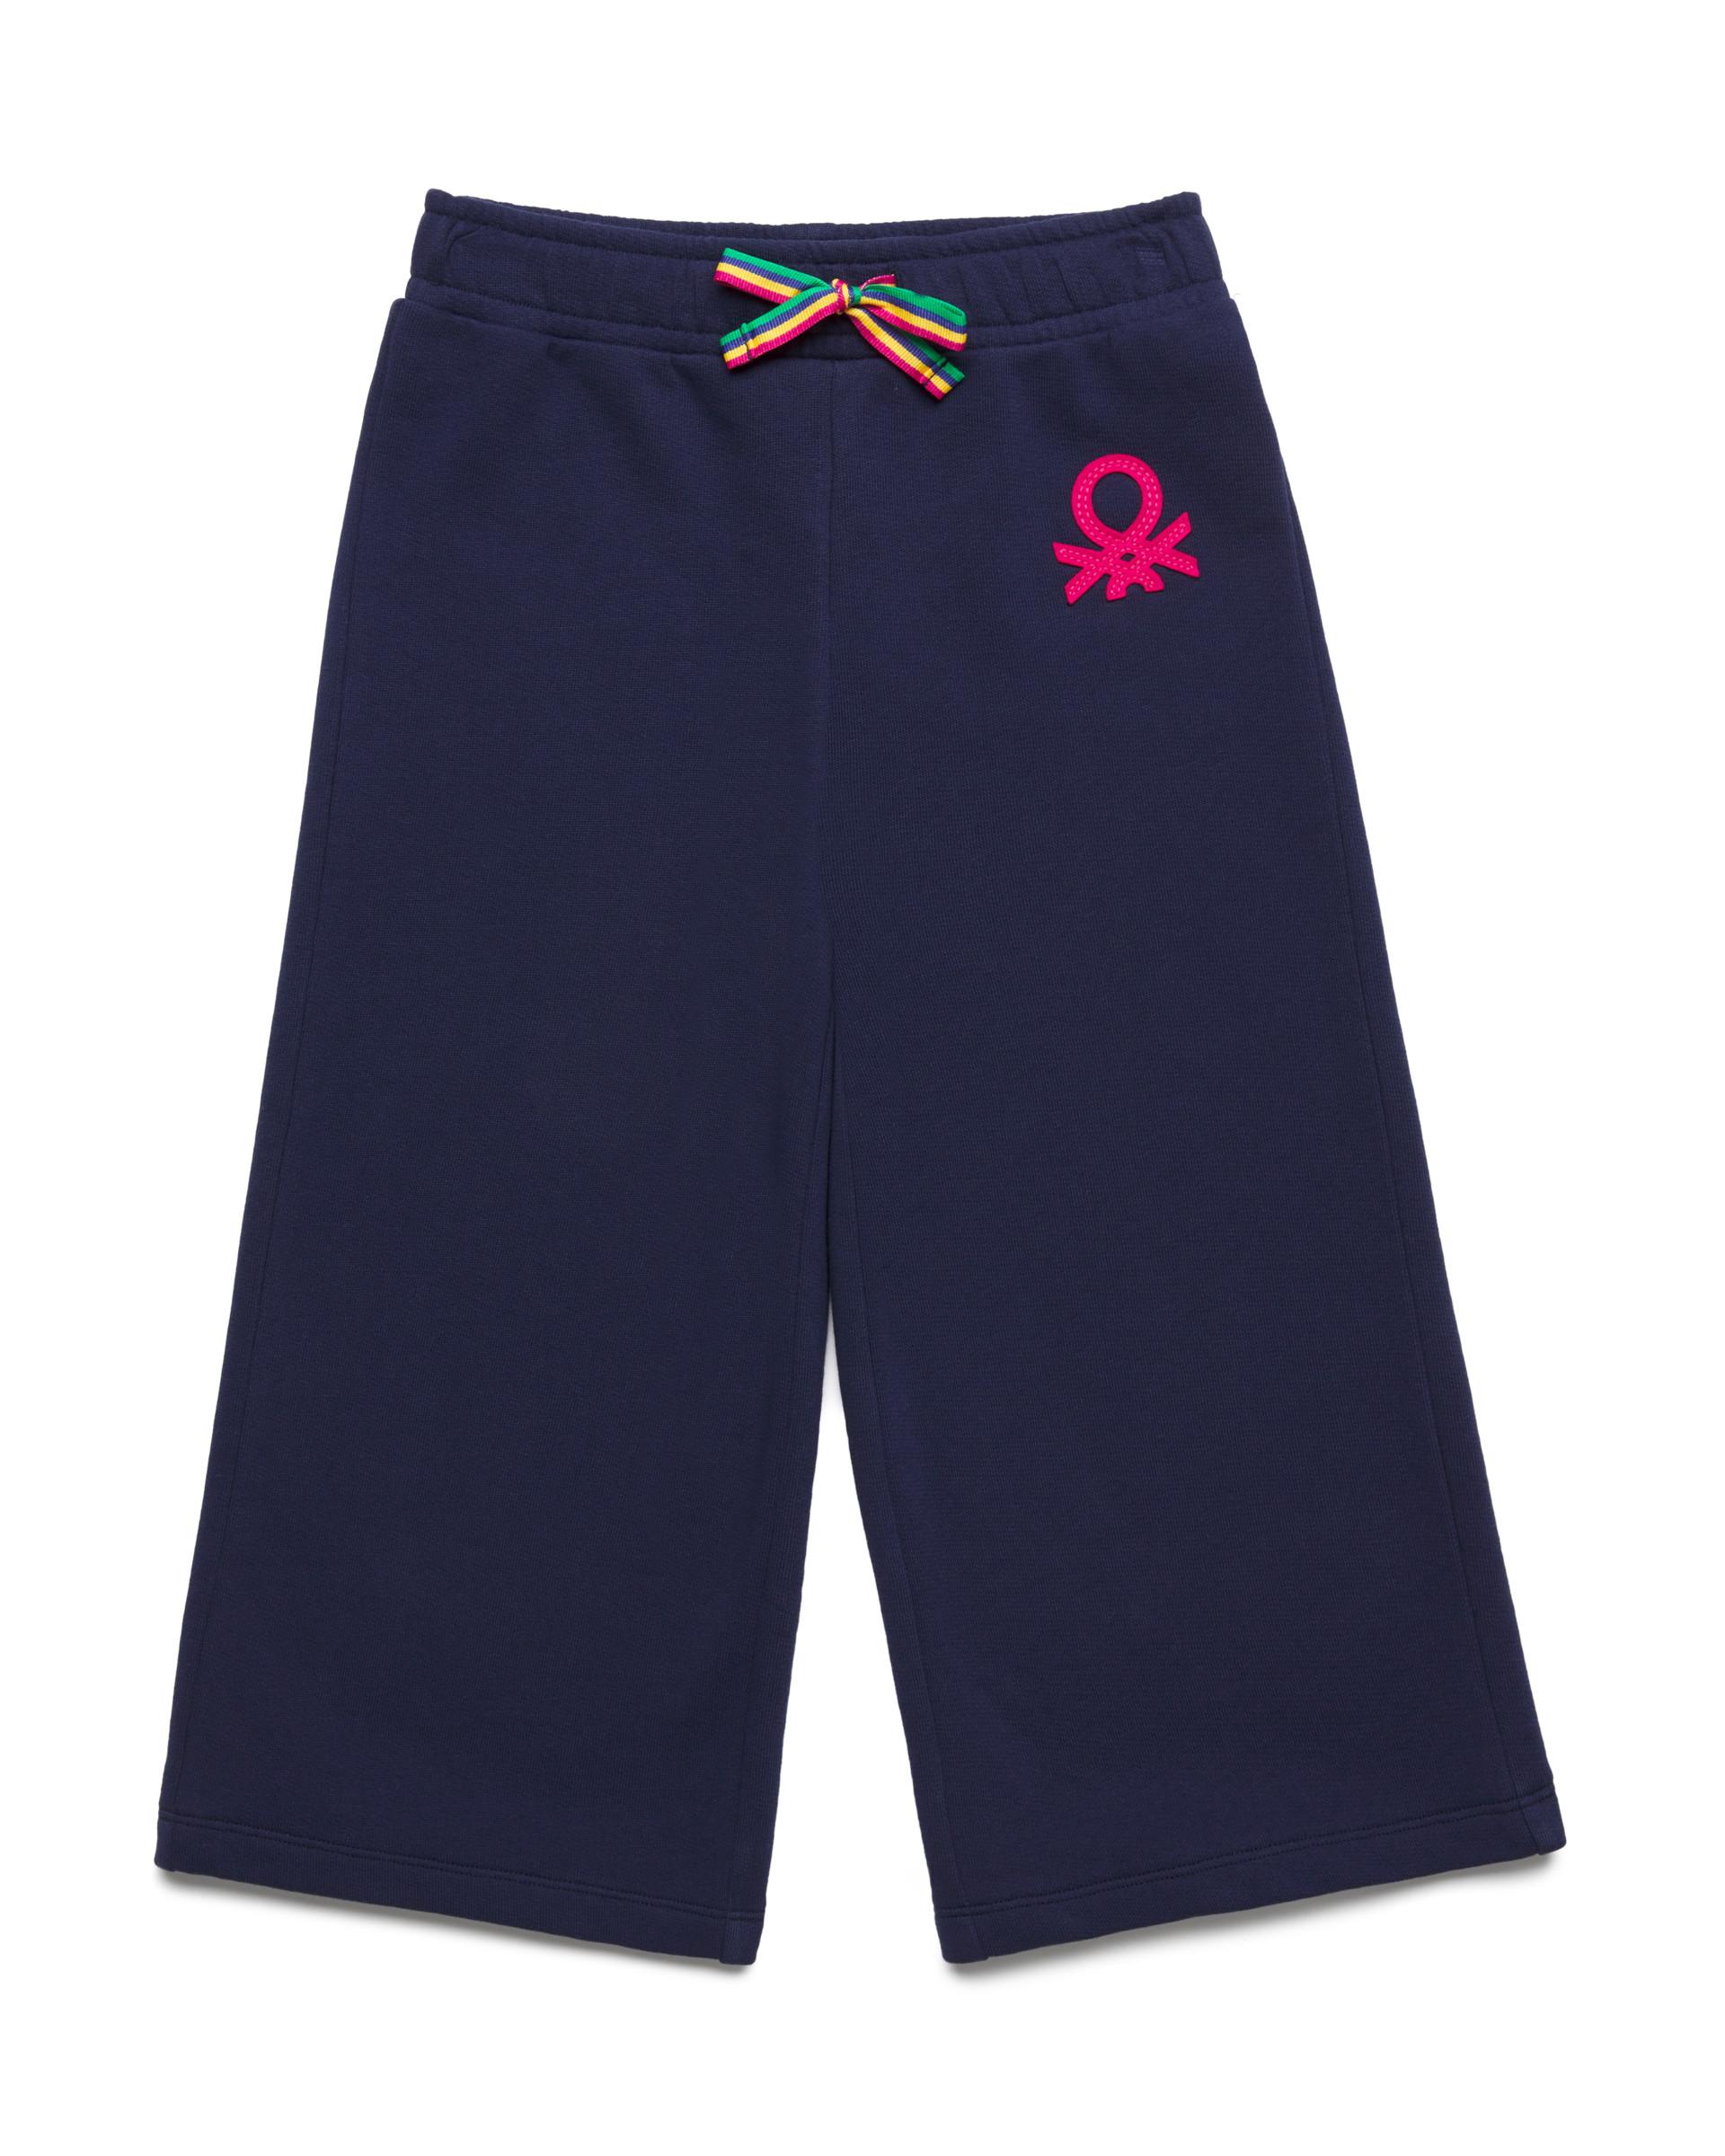 Купить 20P_3J68I0982_252, Спортивные брюки-кюлоты 3/4 для девочек Benetton 3J68I0982_252 р-р 80, United Colors of Benetton, Шорты и брюки для новорожденных